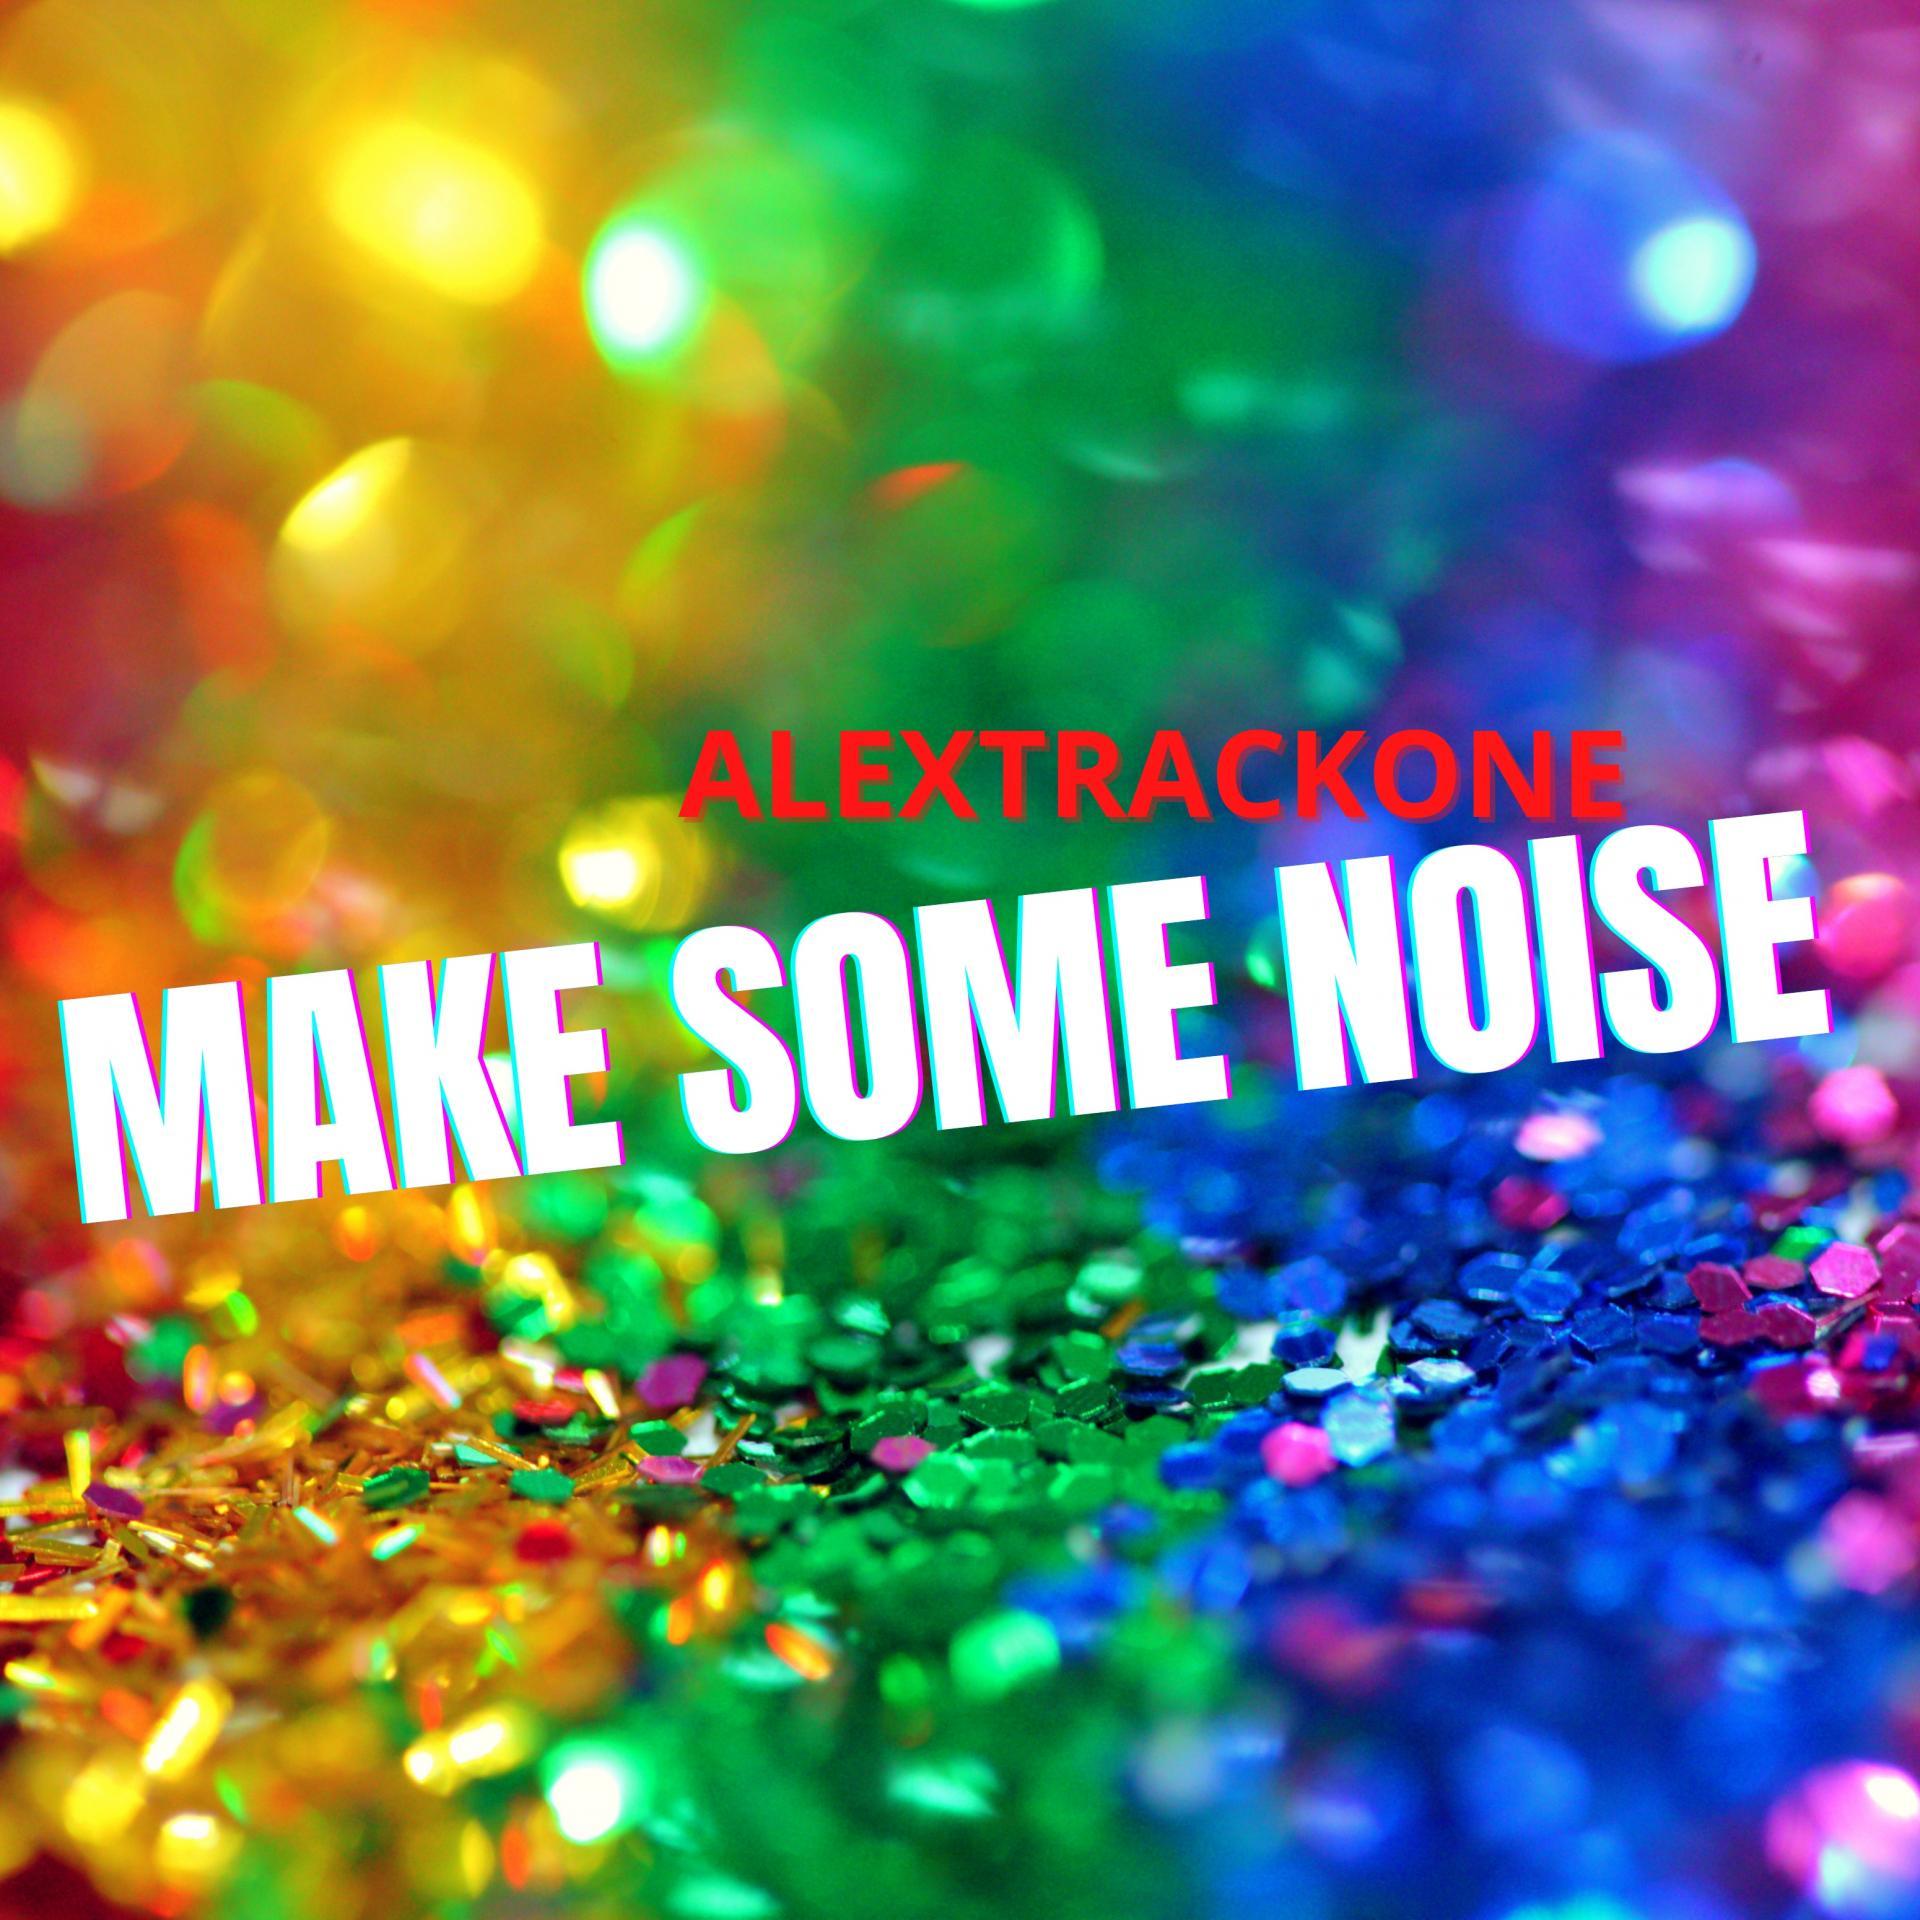 MAKE SOME NOISE -ORIGINAL MIX-